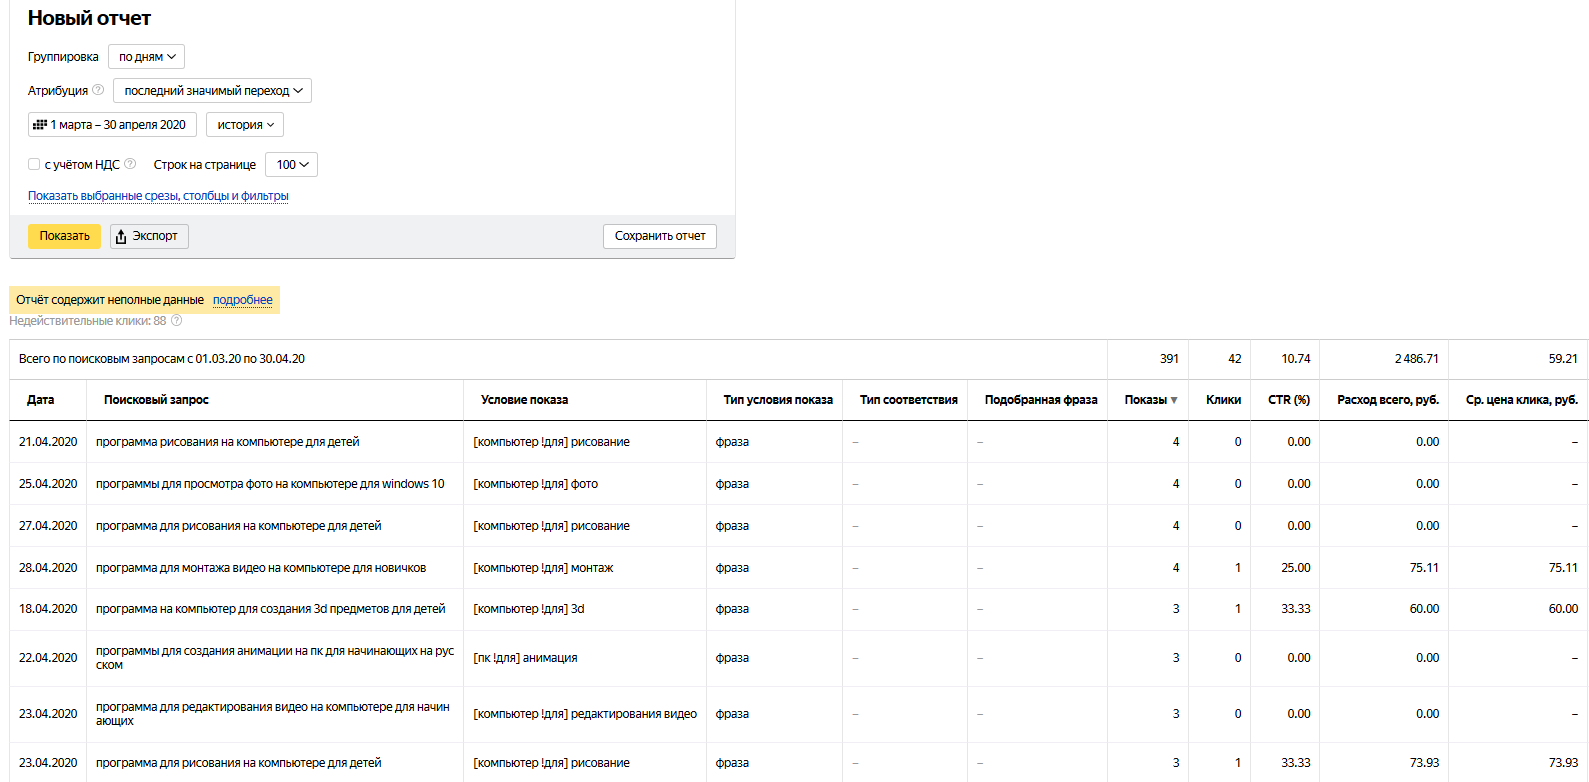 Отчет по поисковым запросам с группировкой по дням